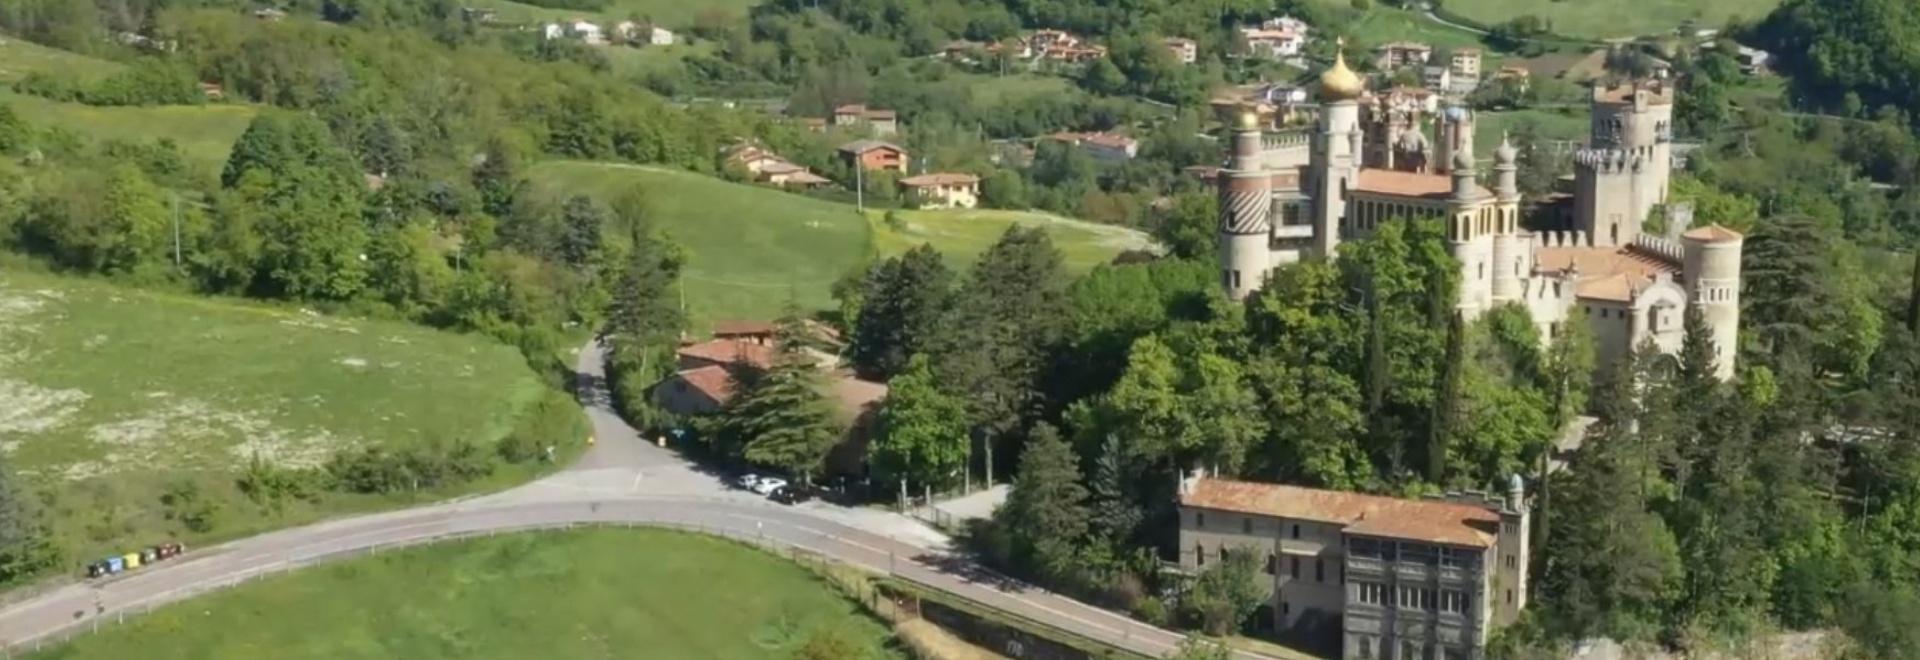 Valle Reatina - Le foreste di S. Francesco